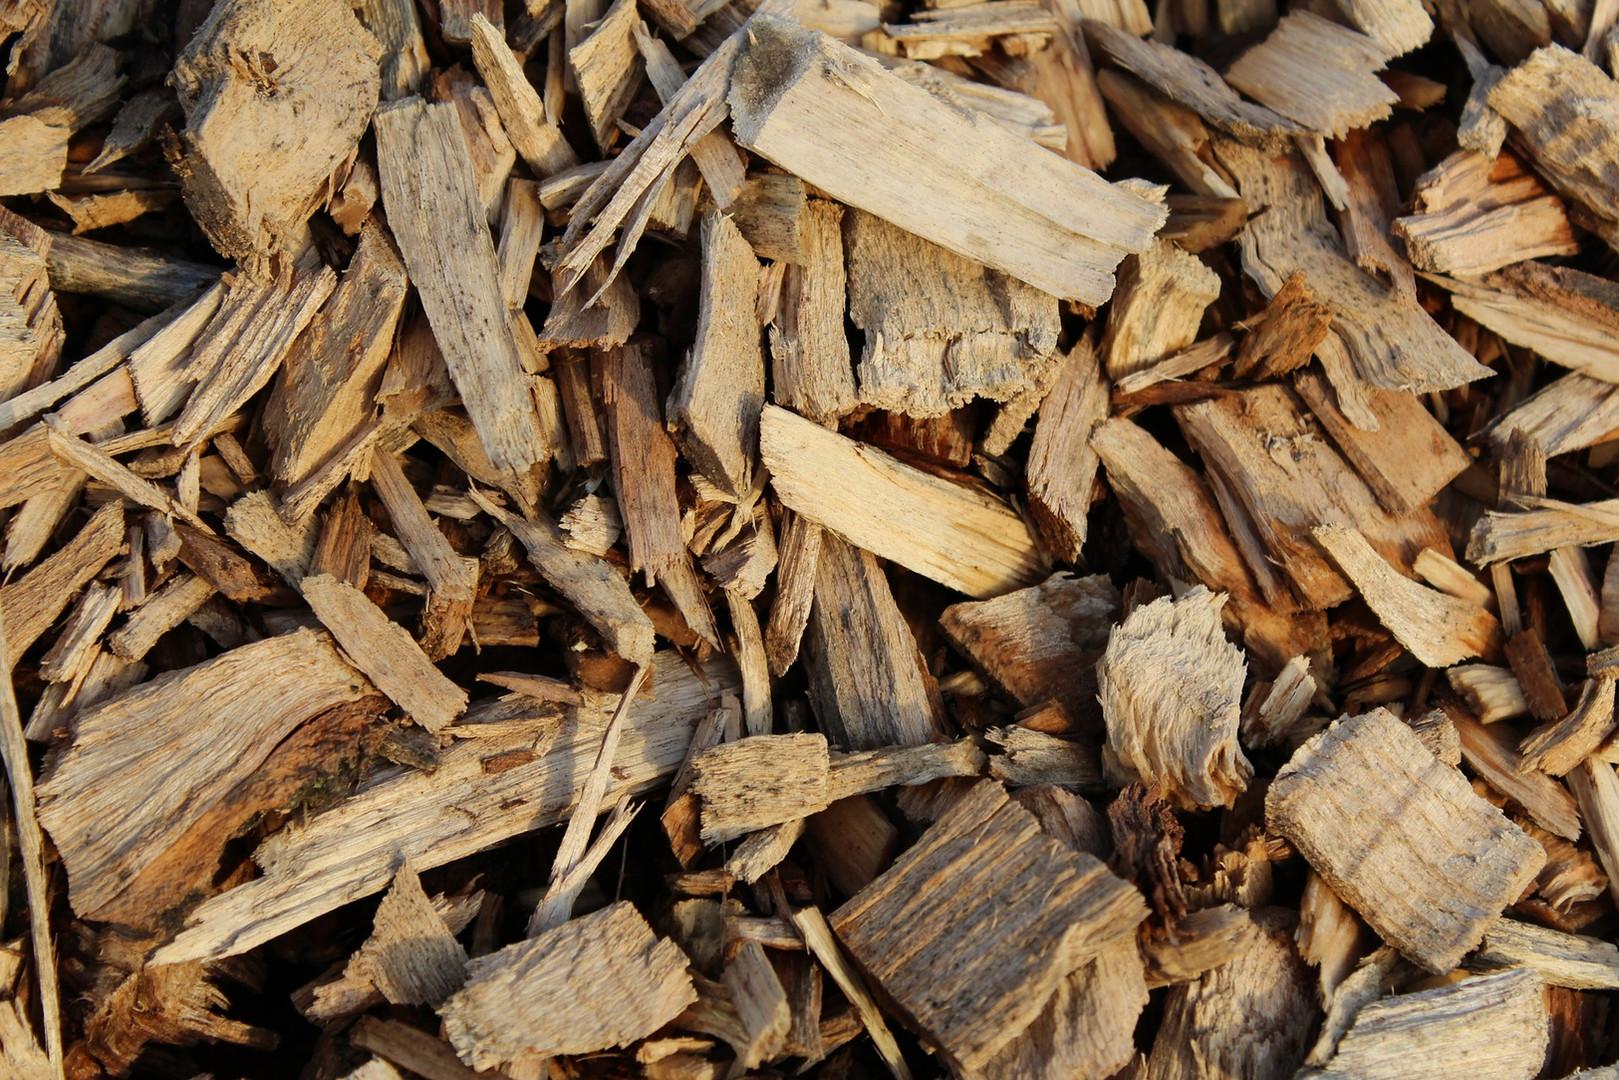 încălzire woodchips